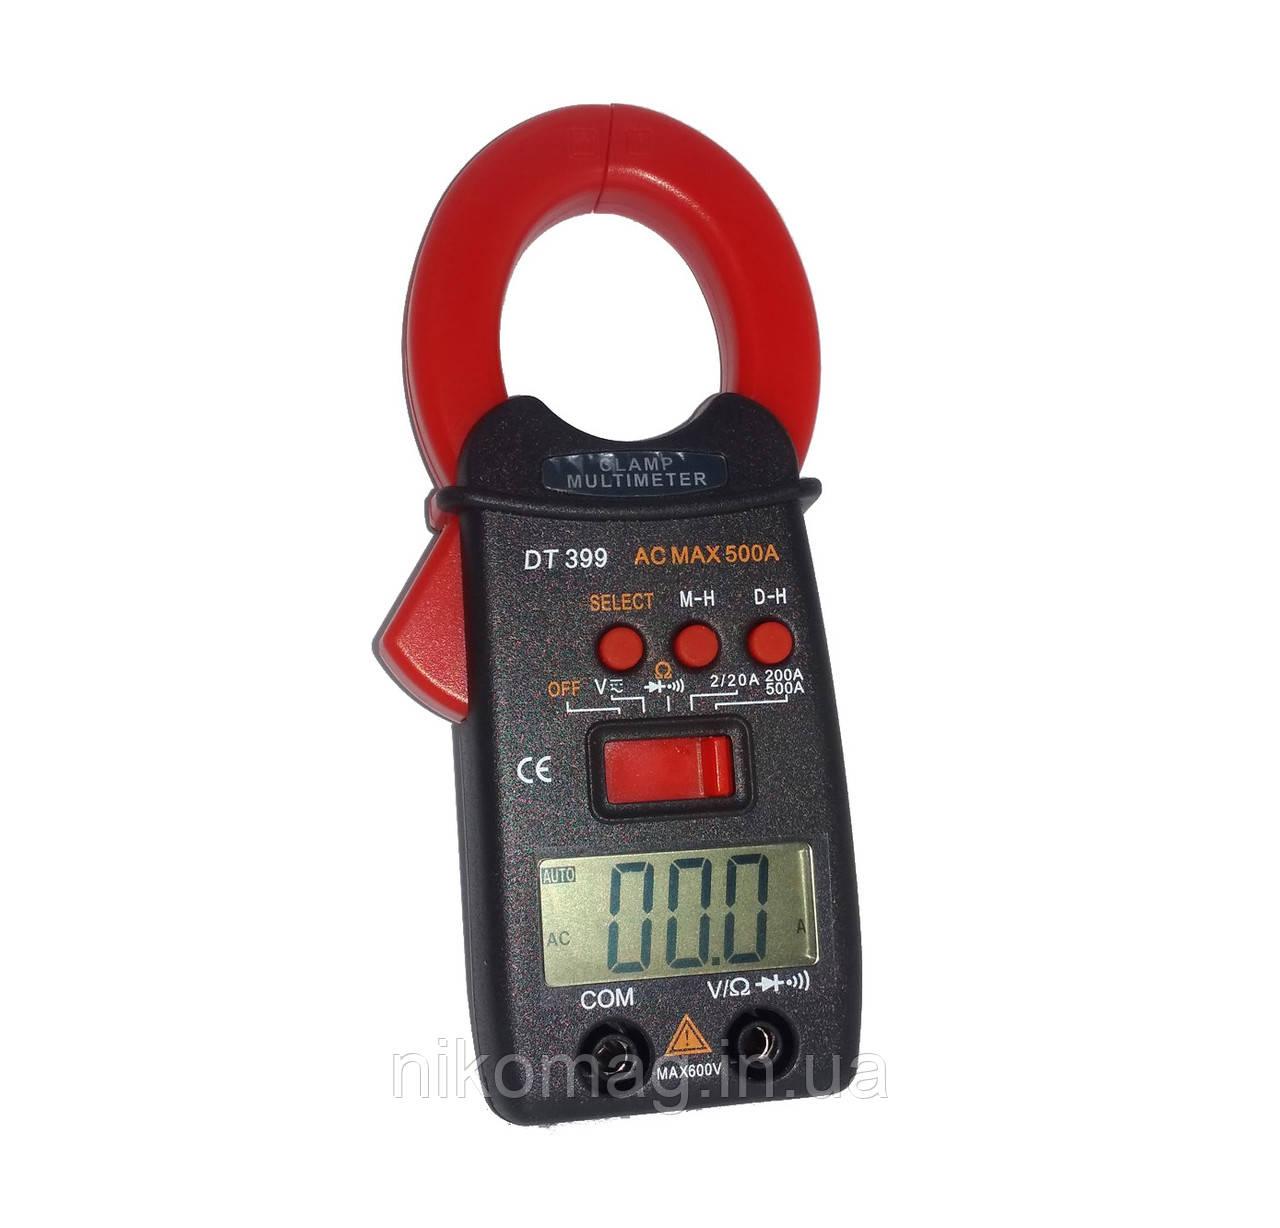 Карманные токовые клещи Clamp Multimeter DT399 со щупами